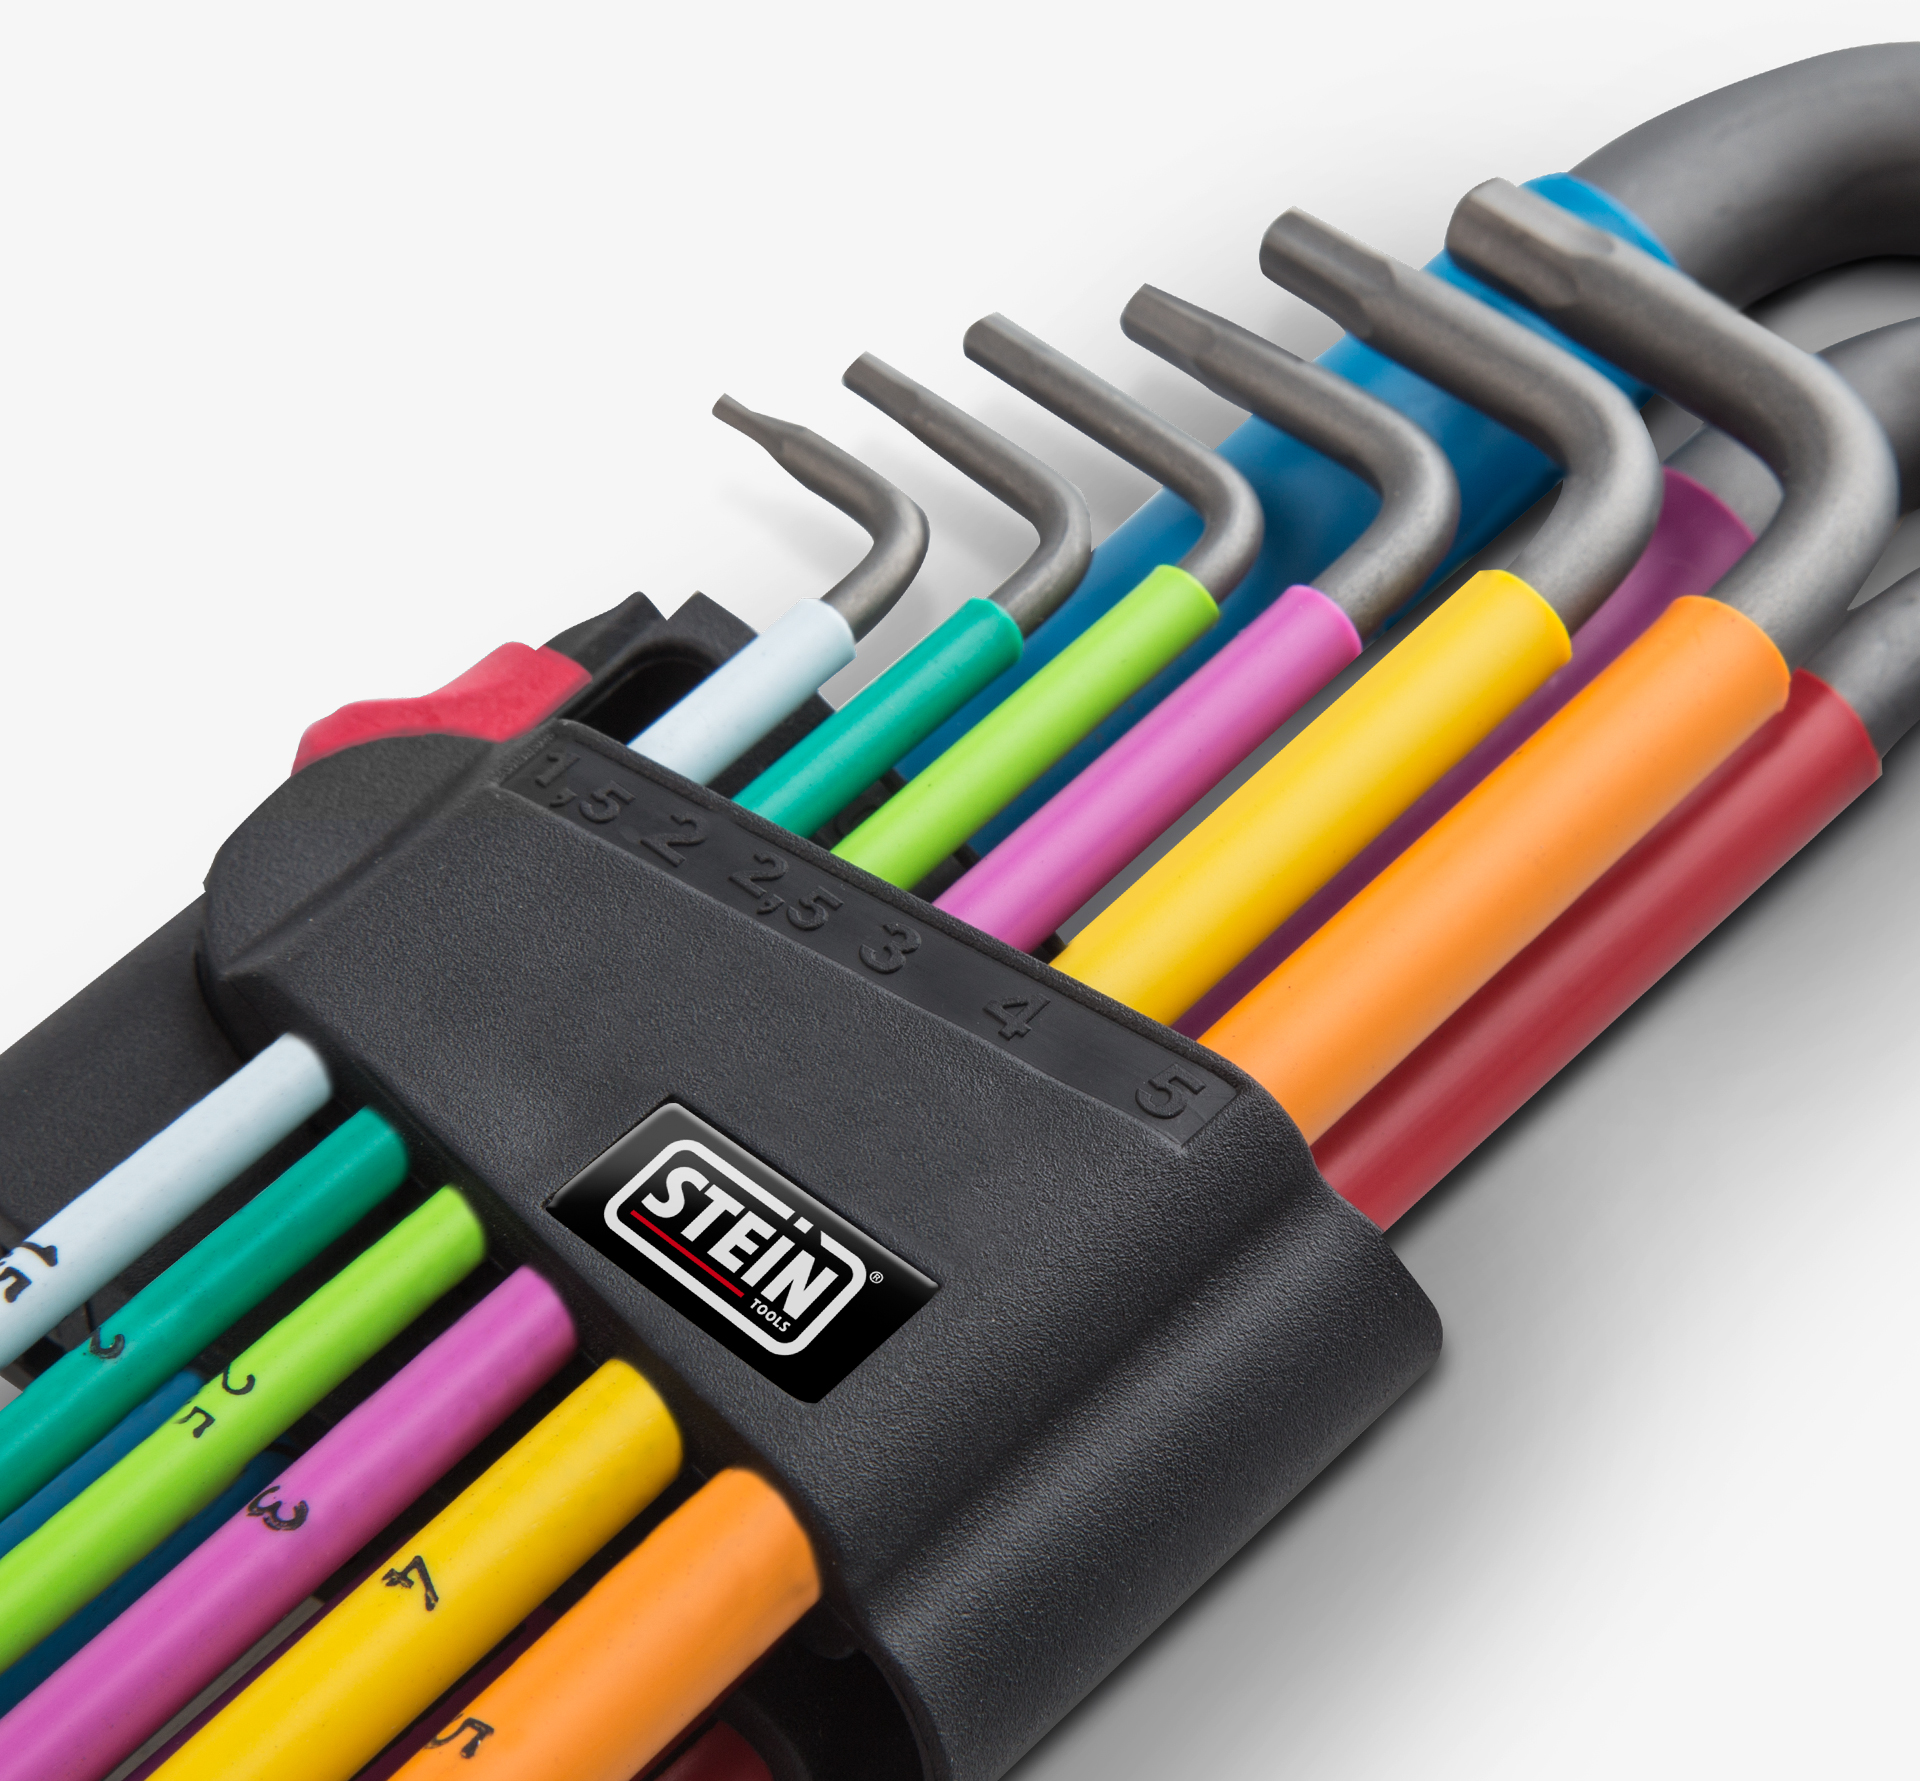 packaging herramientas 02 - DISEÑO DE PACKAGING PARA HERRAMIENTAS